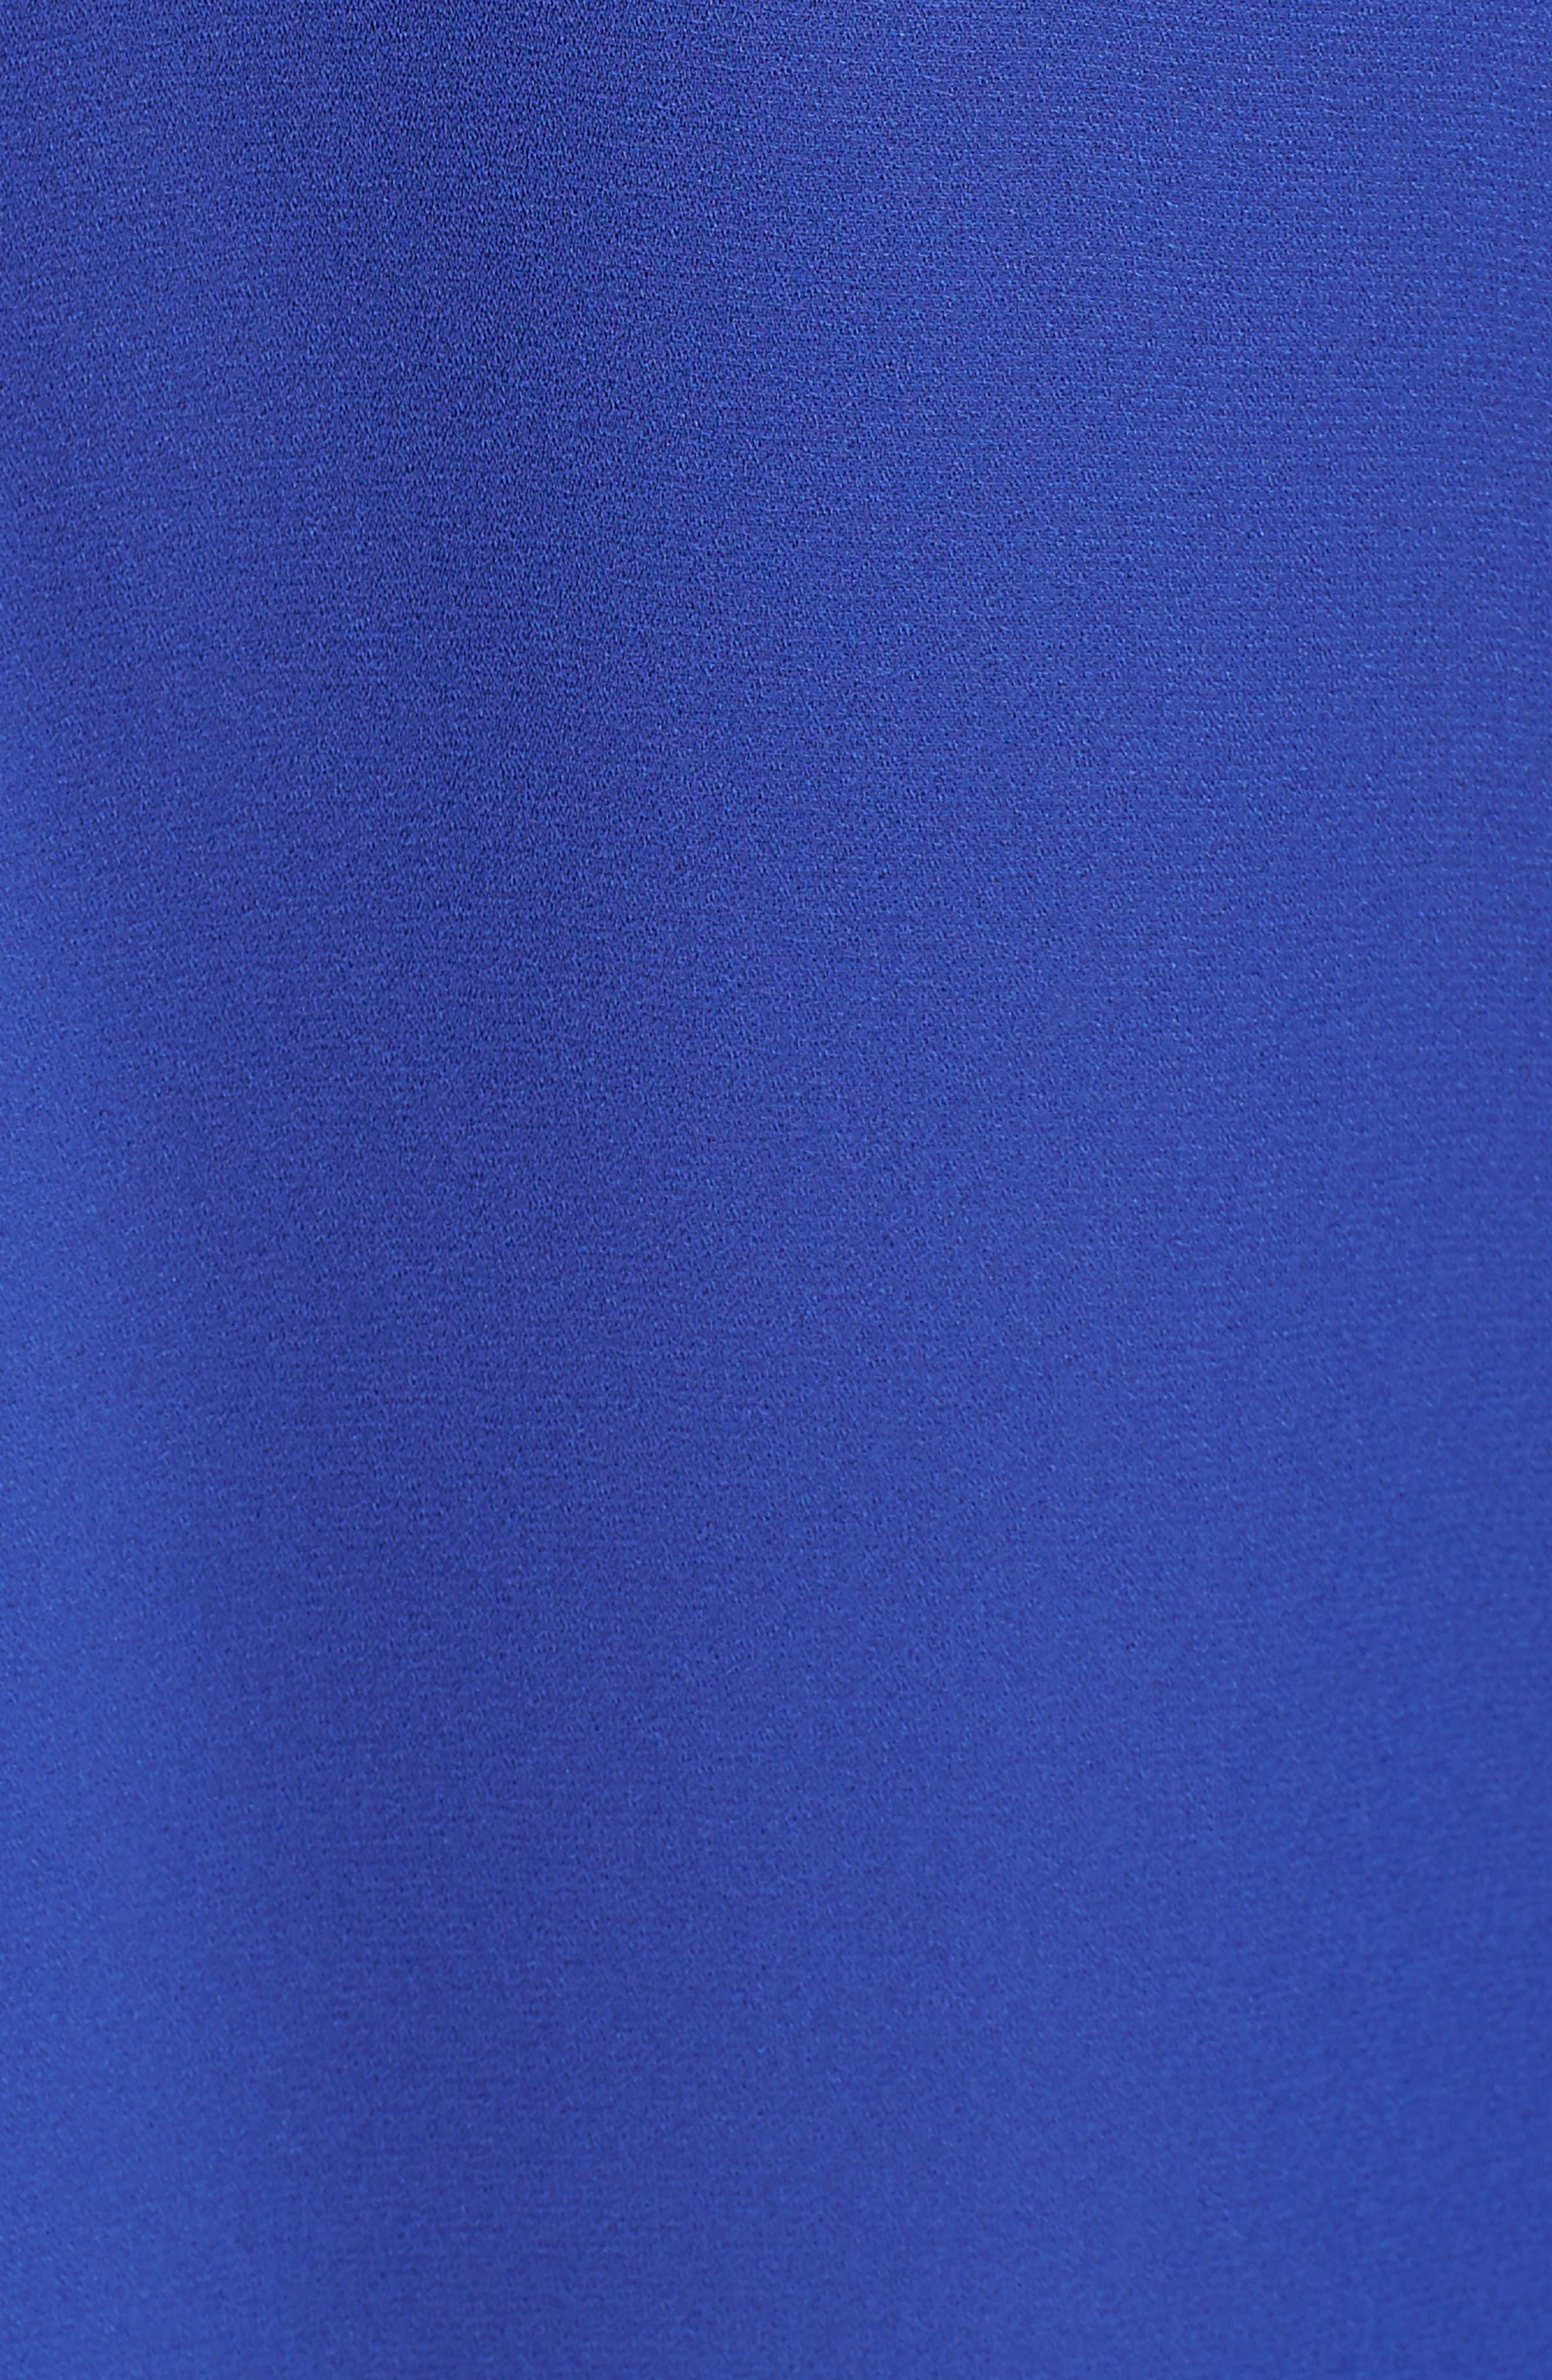 Cutout Surplice Top,                             Alternate thumbnail 5, color,                             BLUE CLEMATIS